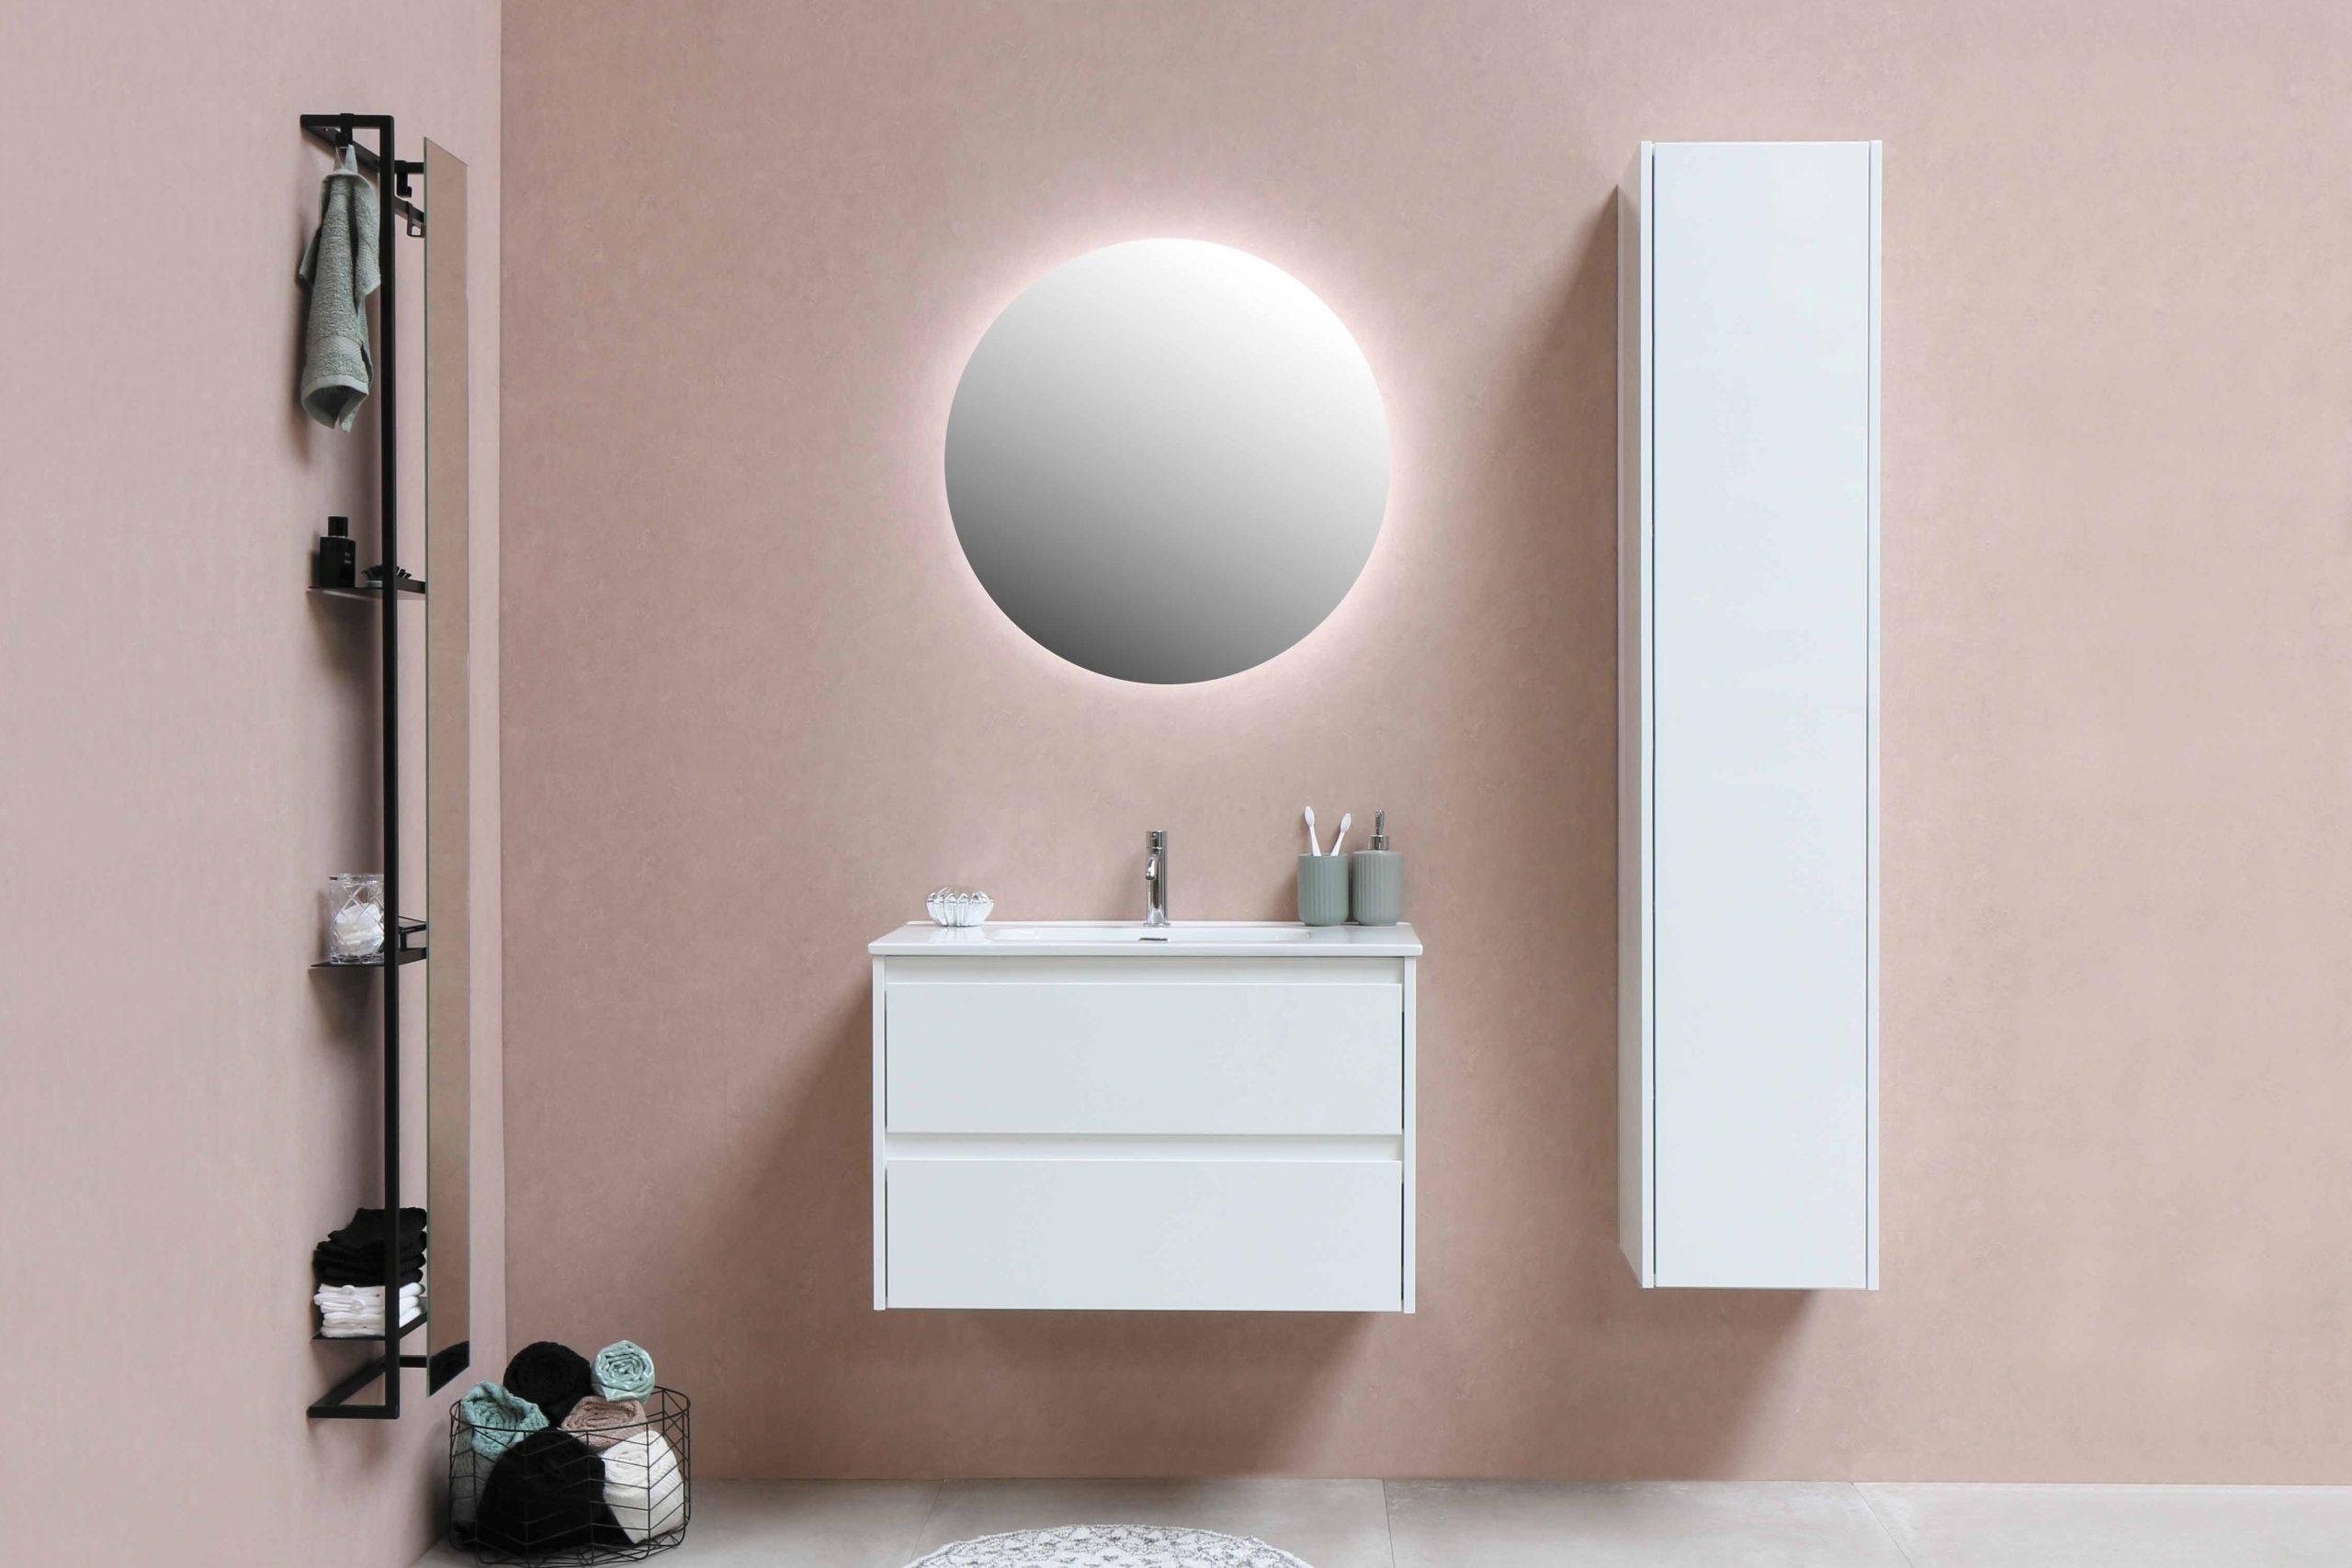 Badkamer kleuren toevoegen